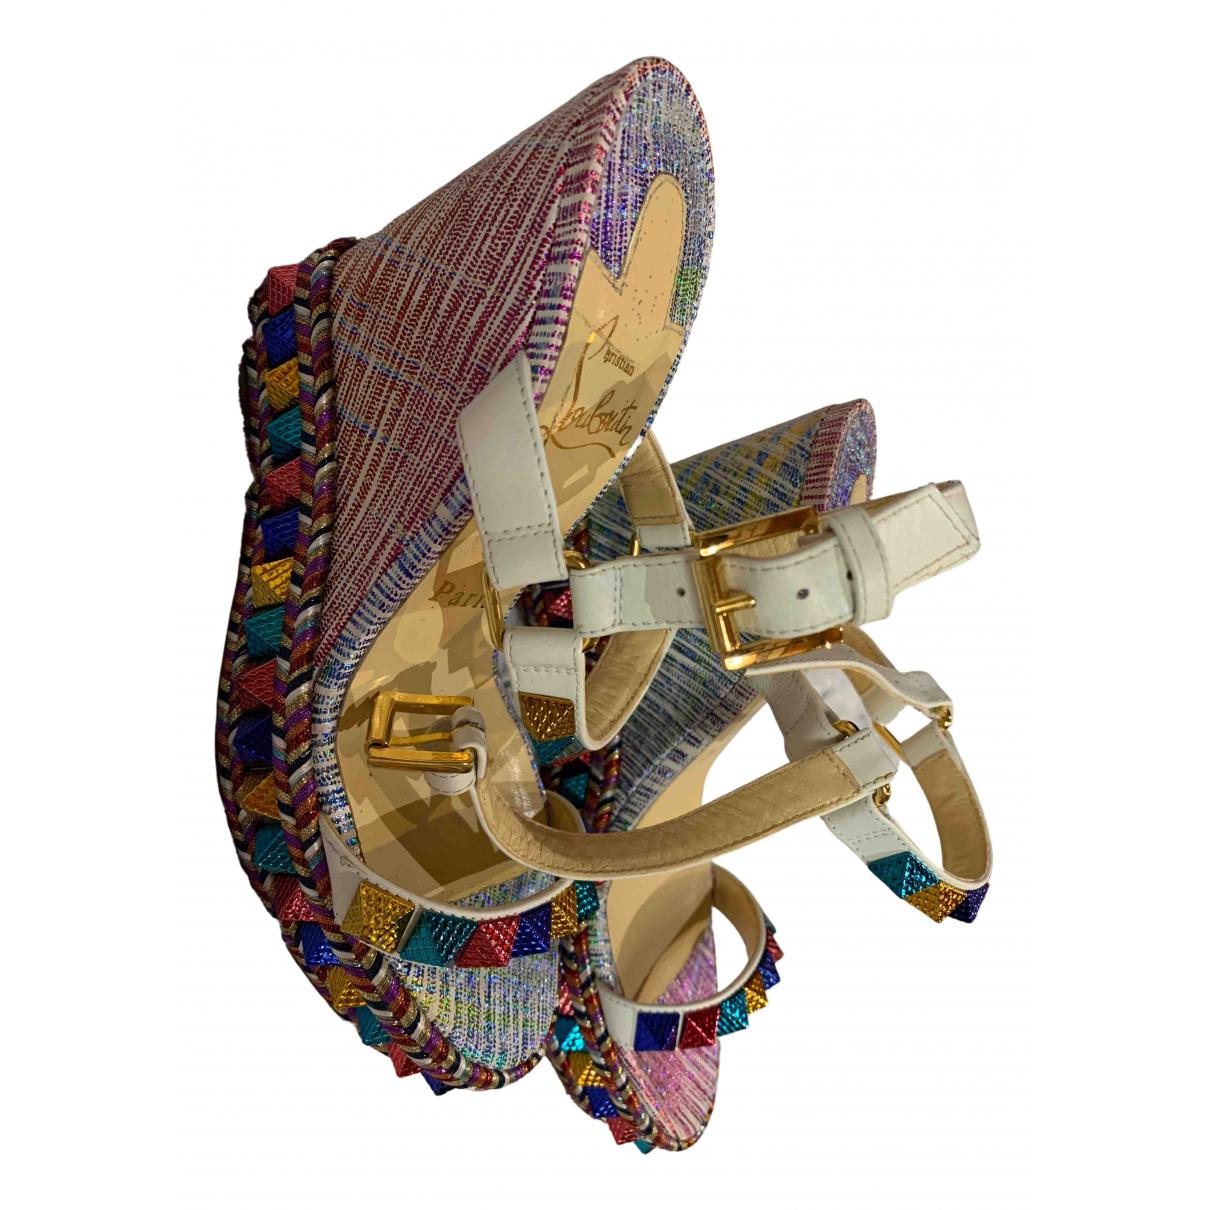 Louis Vuitton N Multicolour Leather Sandals for Women 36 EU